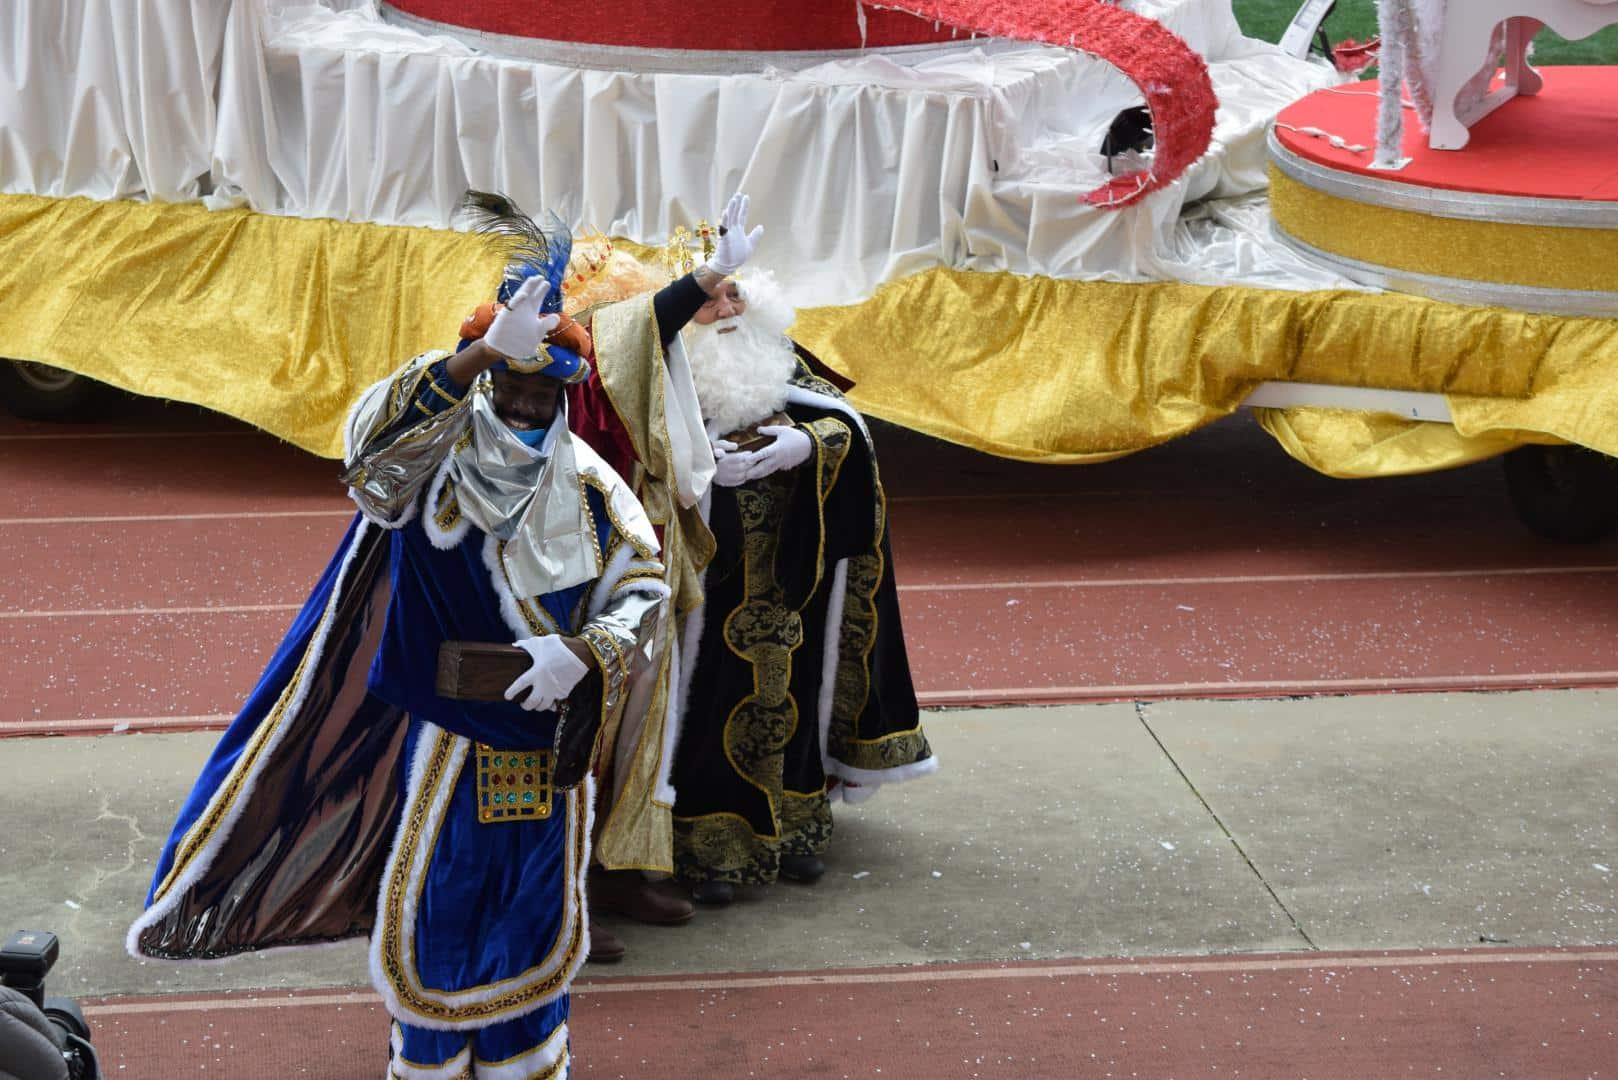 FOTOS: La magia de los Reyes Magos llega a Haro 2